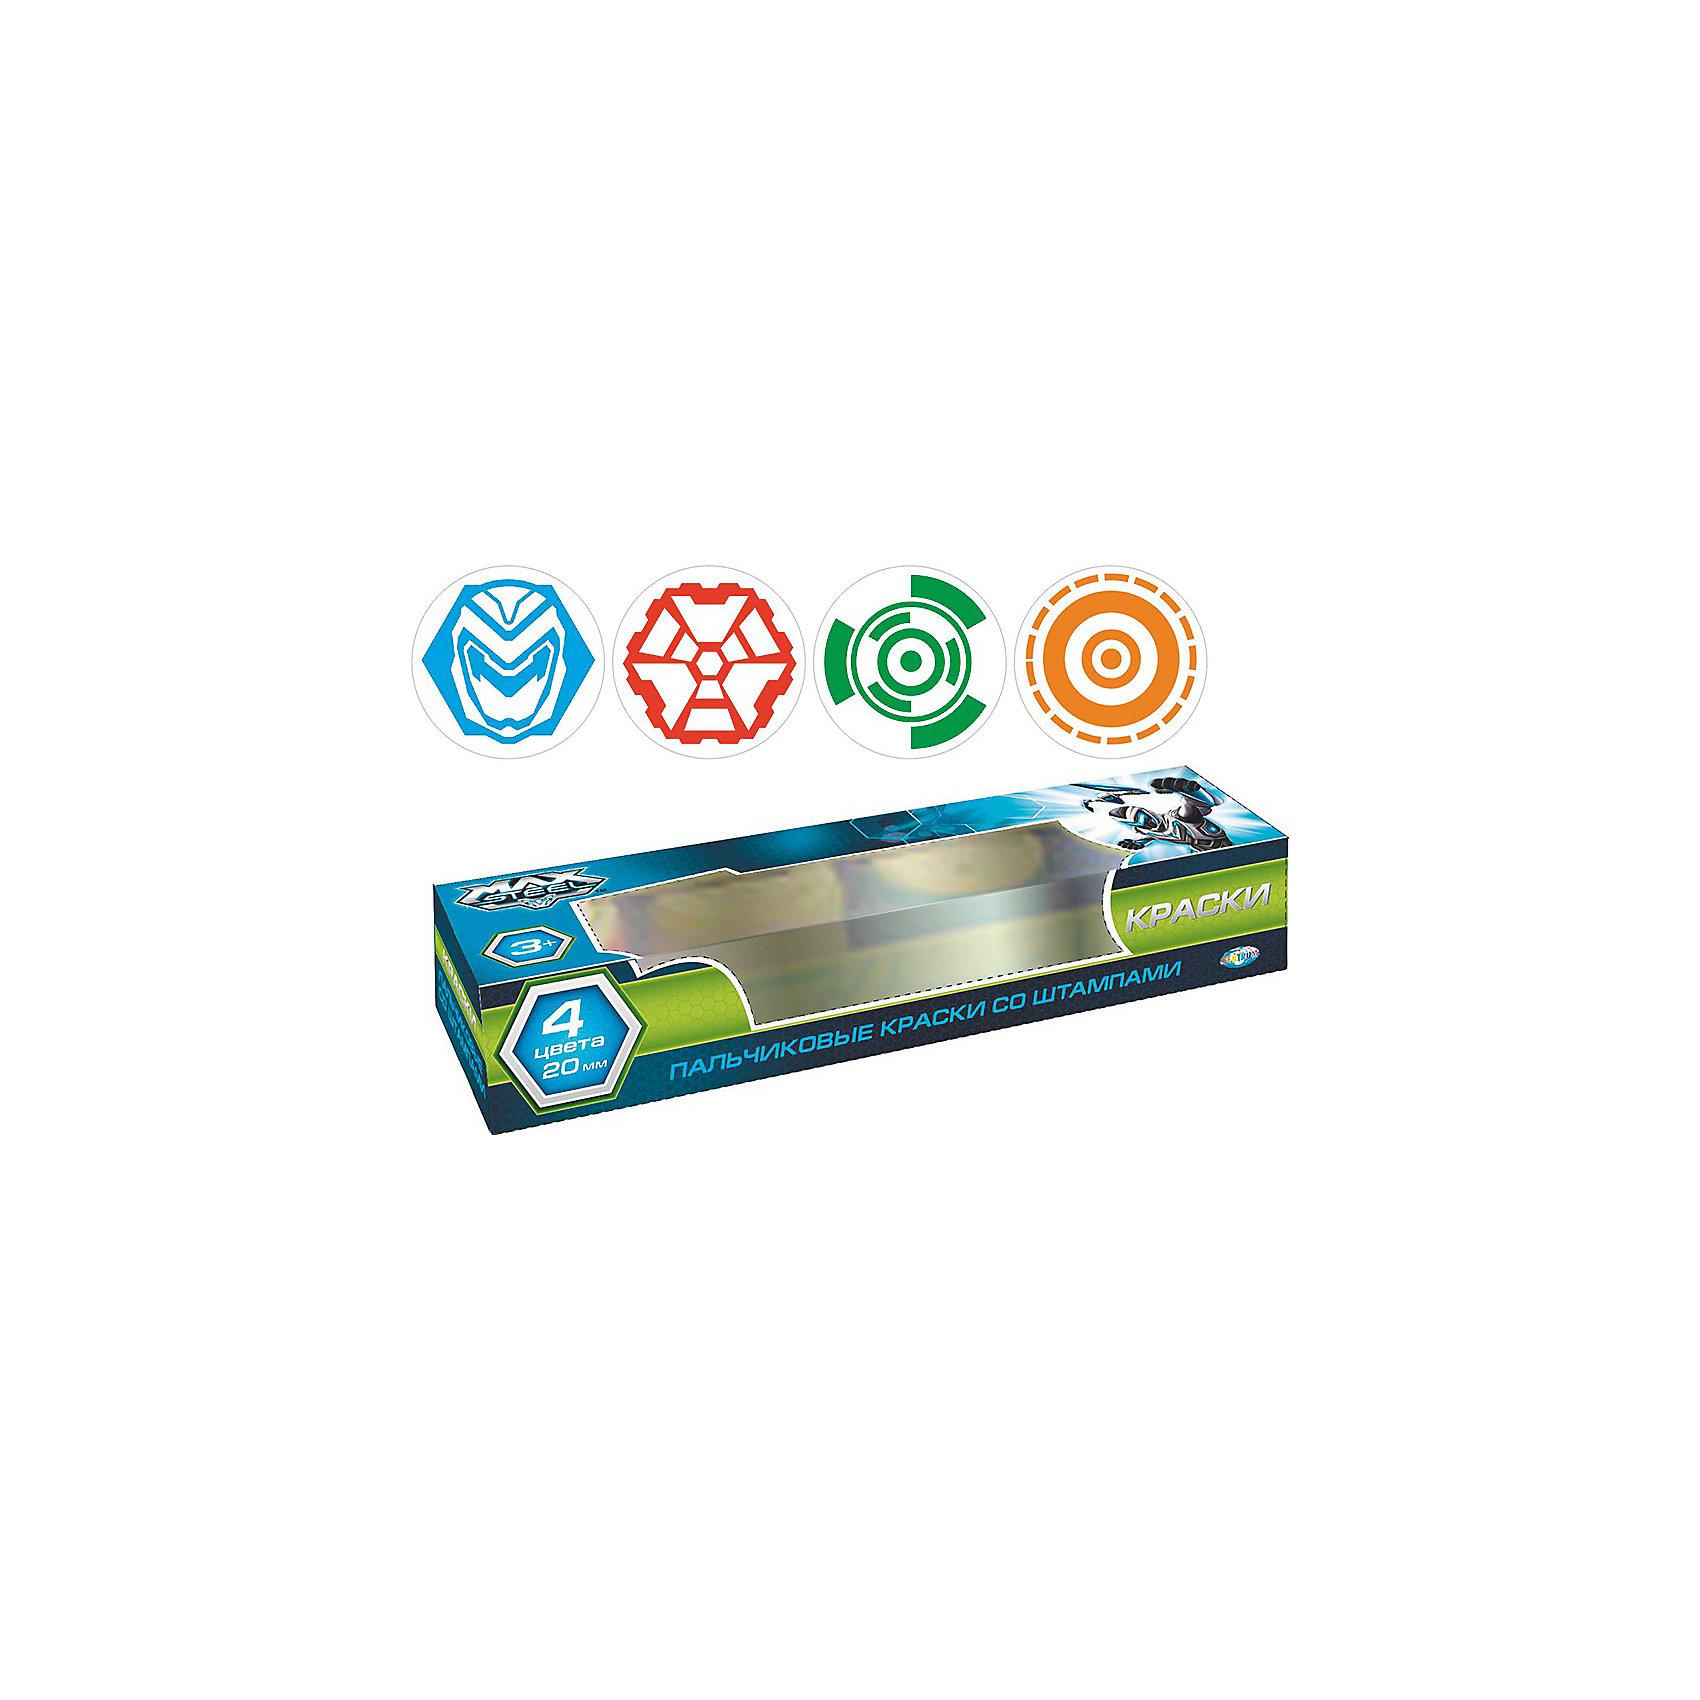 CENTRUM Большой набор пальчиковых красок, Max Steel набор для детского творчества centrum объемная картинка